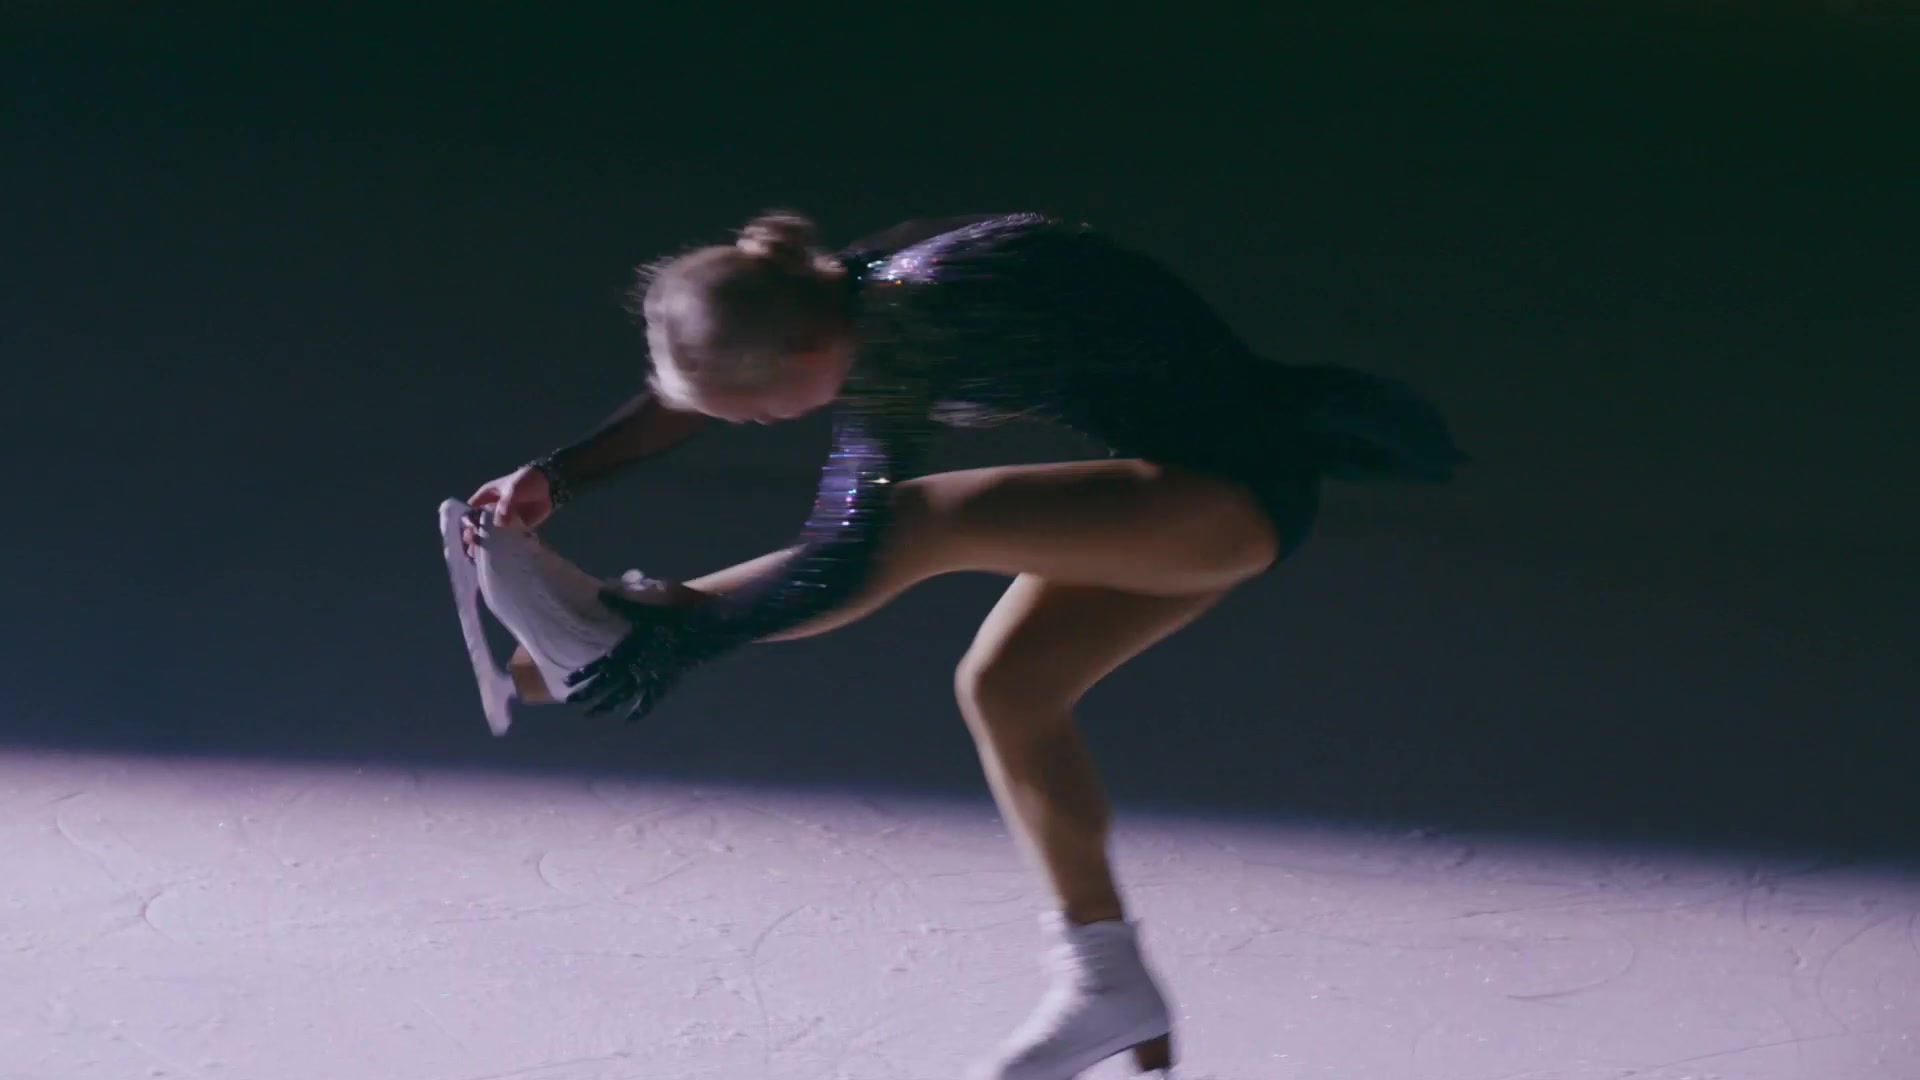 Riedell Skates: Feel the Evolution